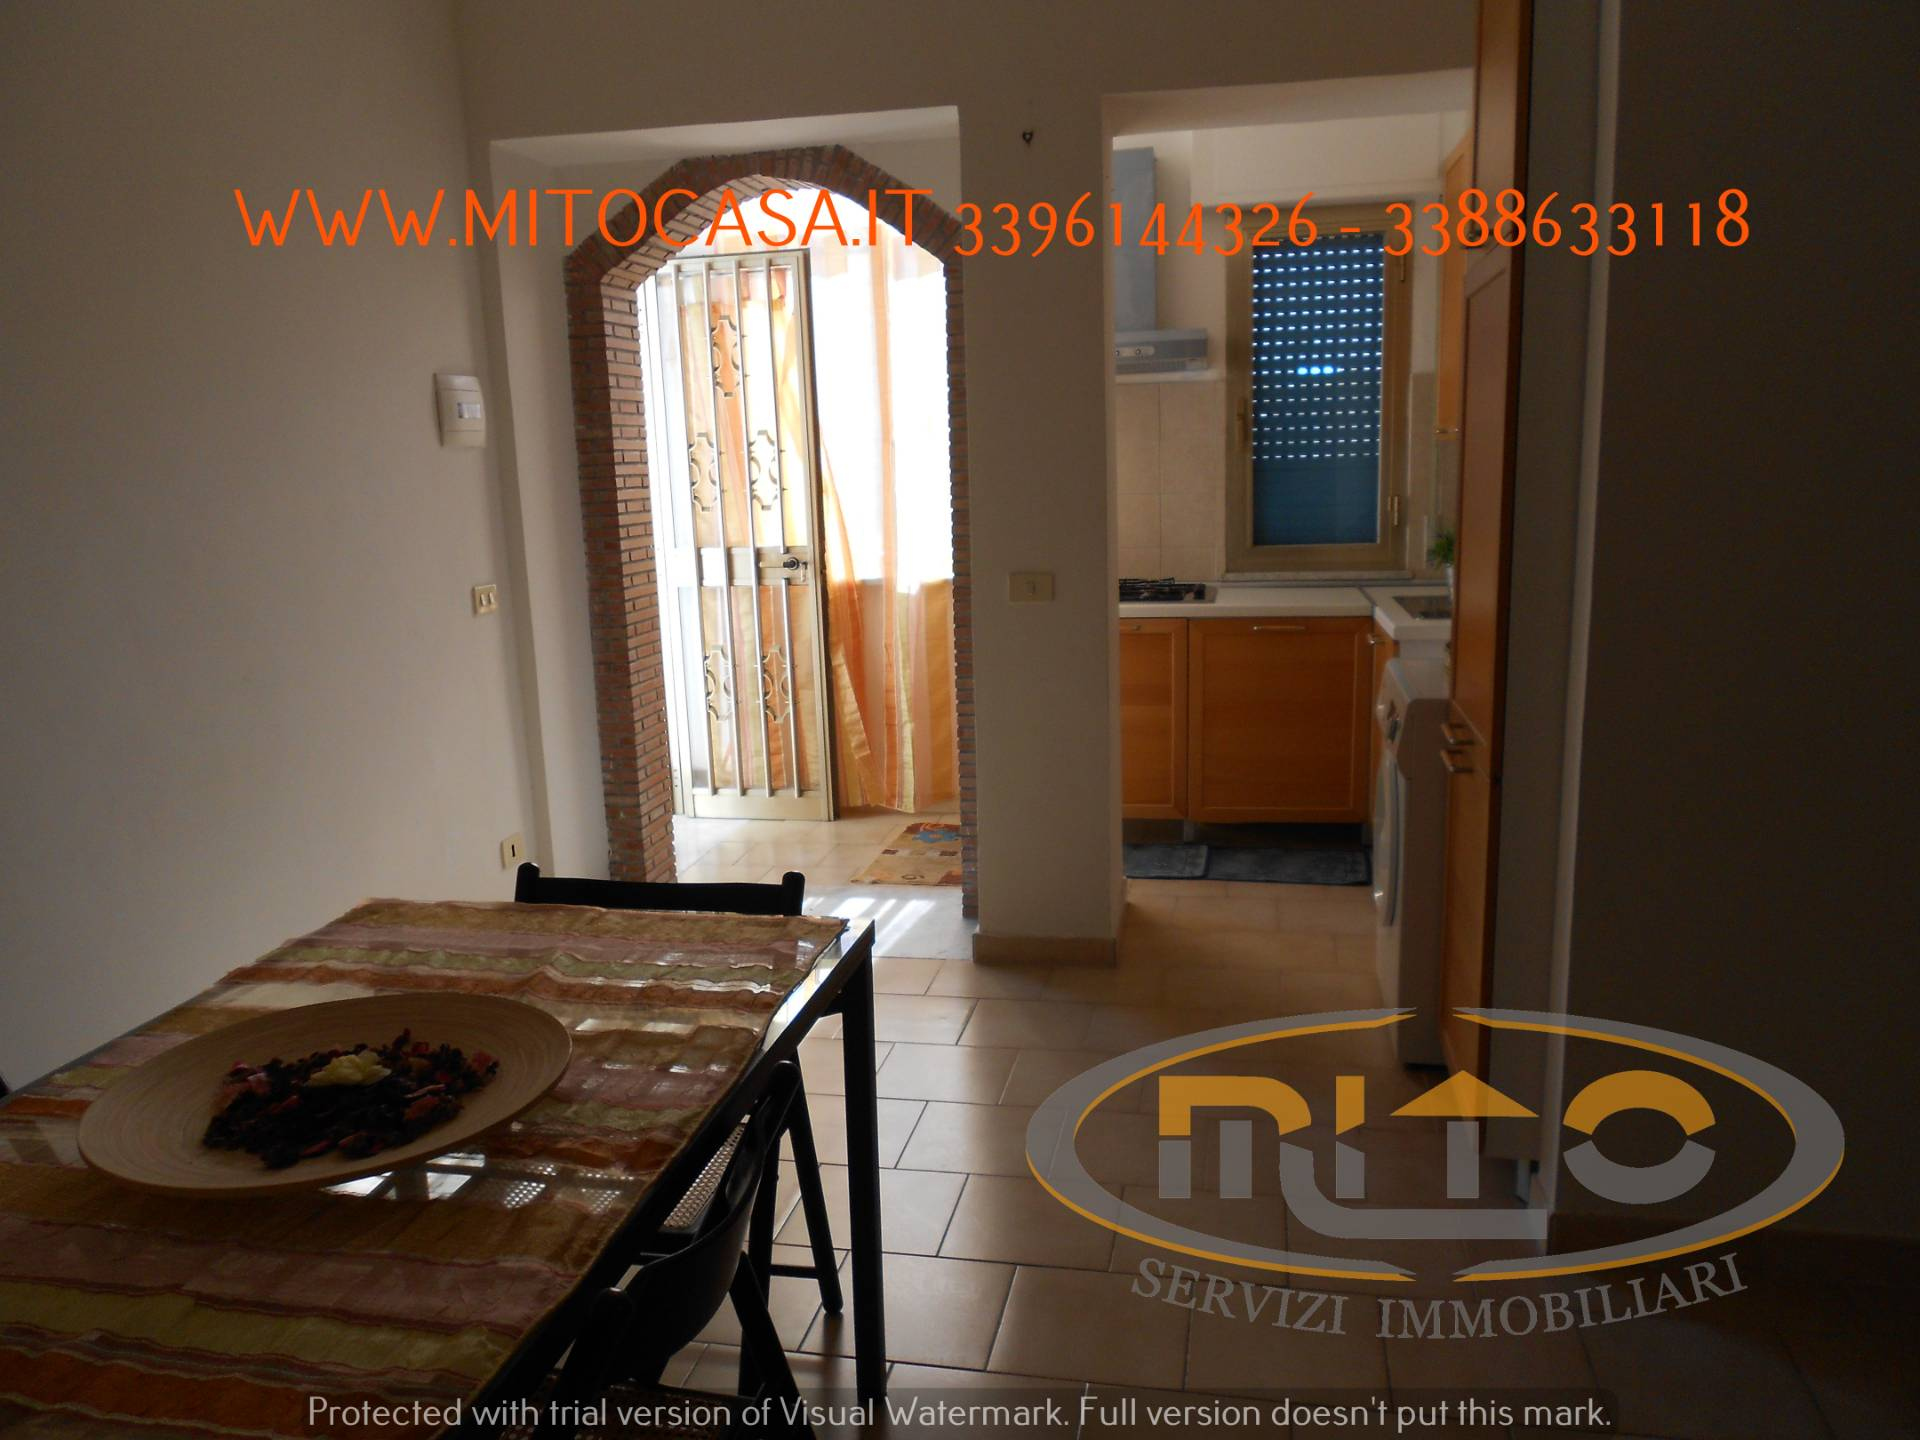 Appartamento in vendita a Telese Terme, 2 locali, prezzo € 70.000 | CambioCasa.it